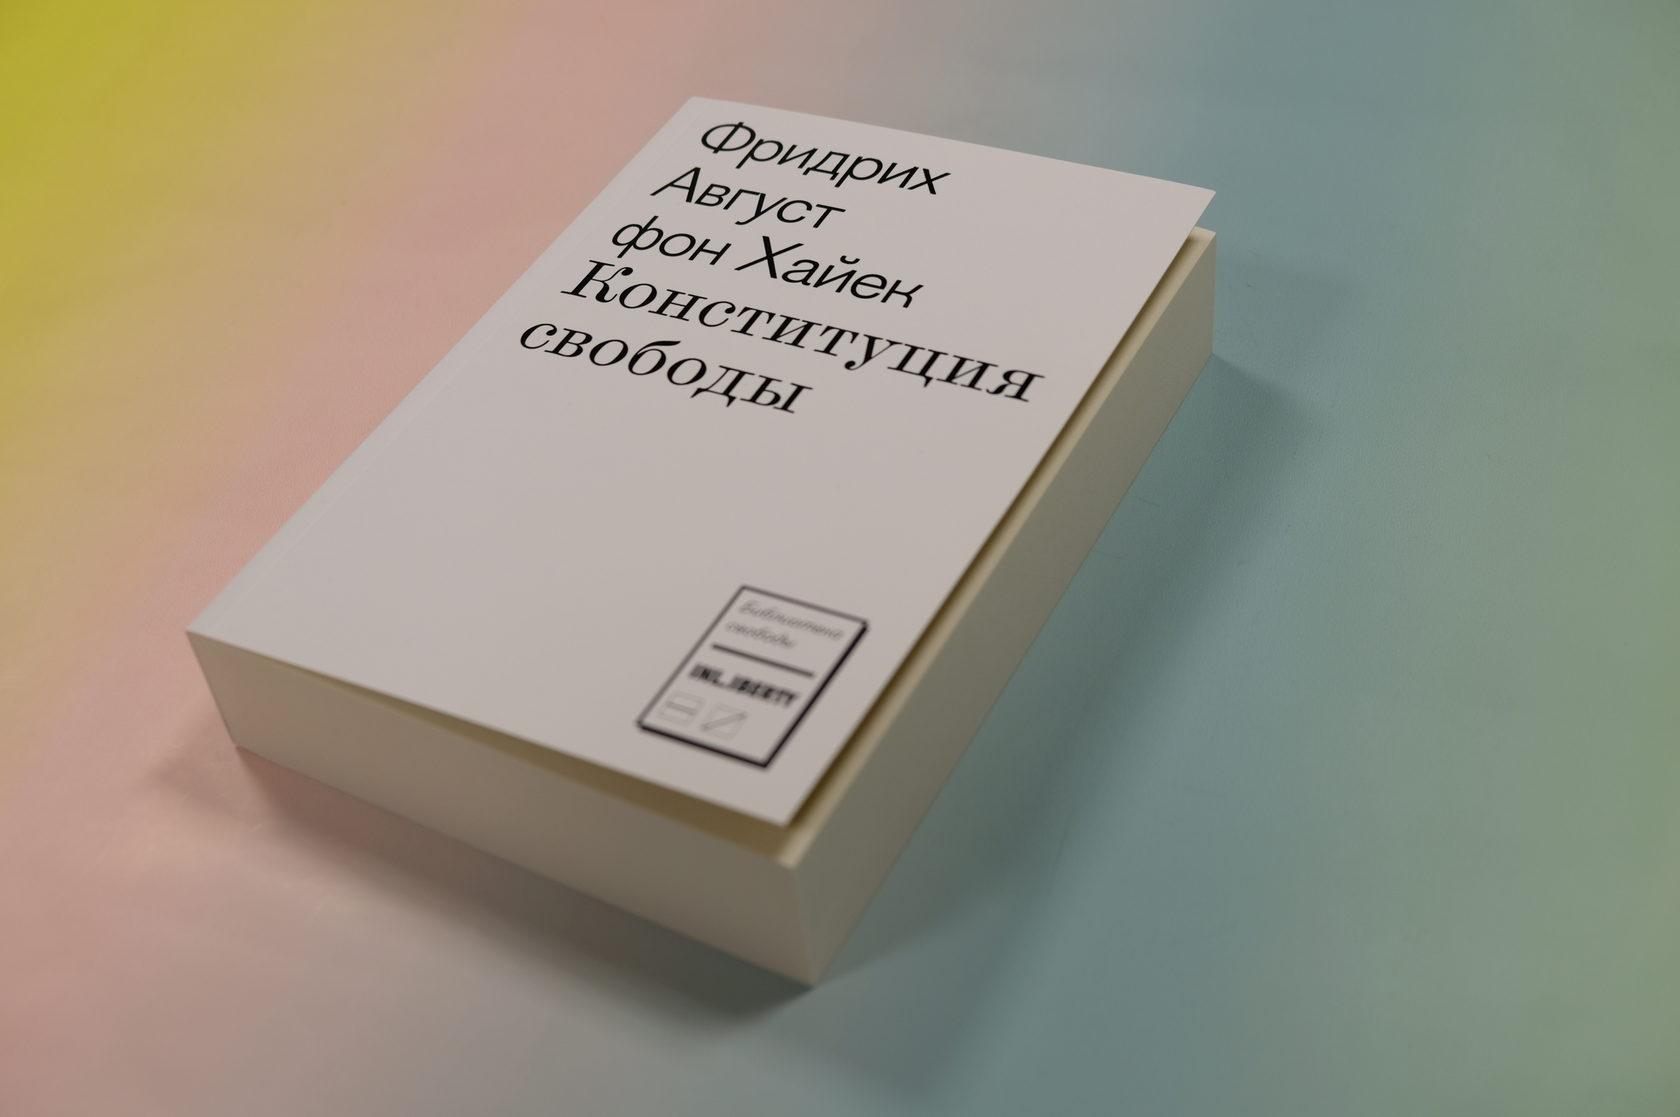 Фридрих Августа фон Хайек «Конституция свободы»